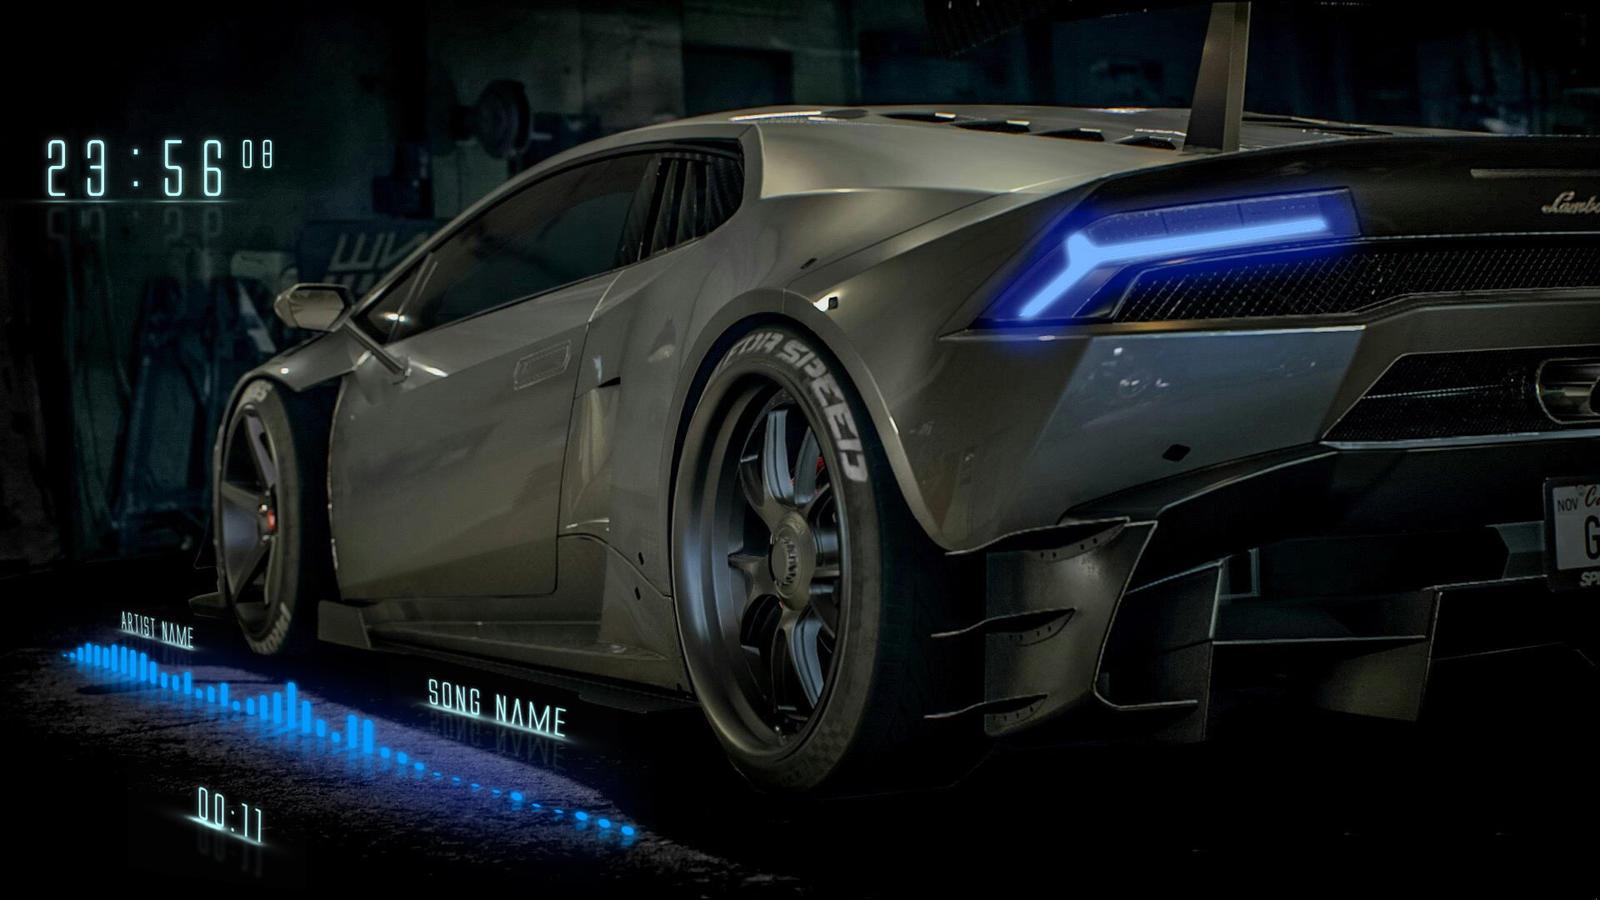 Neon Lamborghini by 99villages on DeviantArt